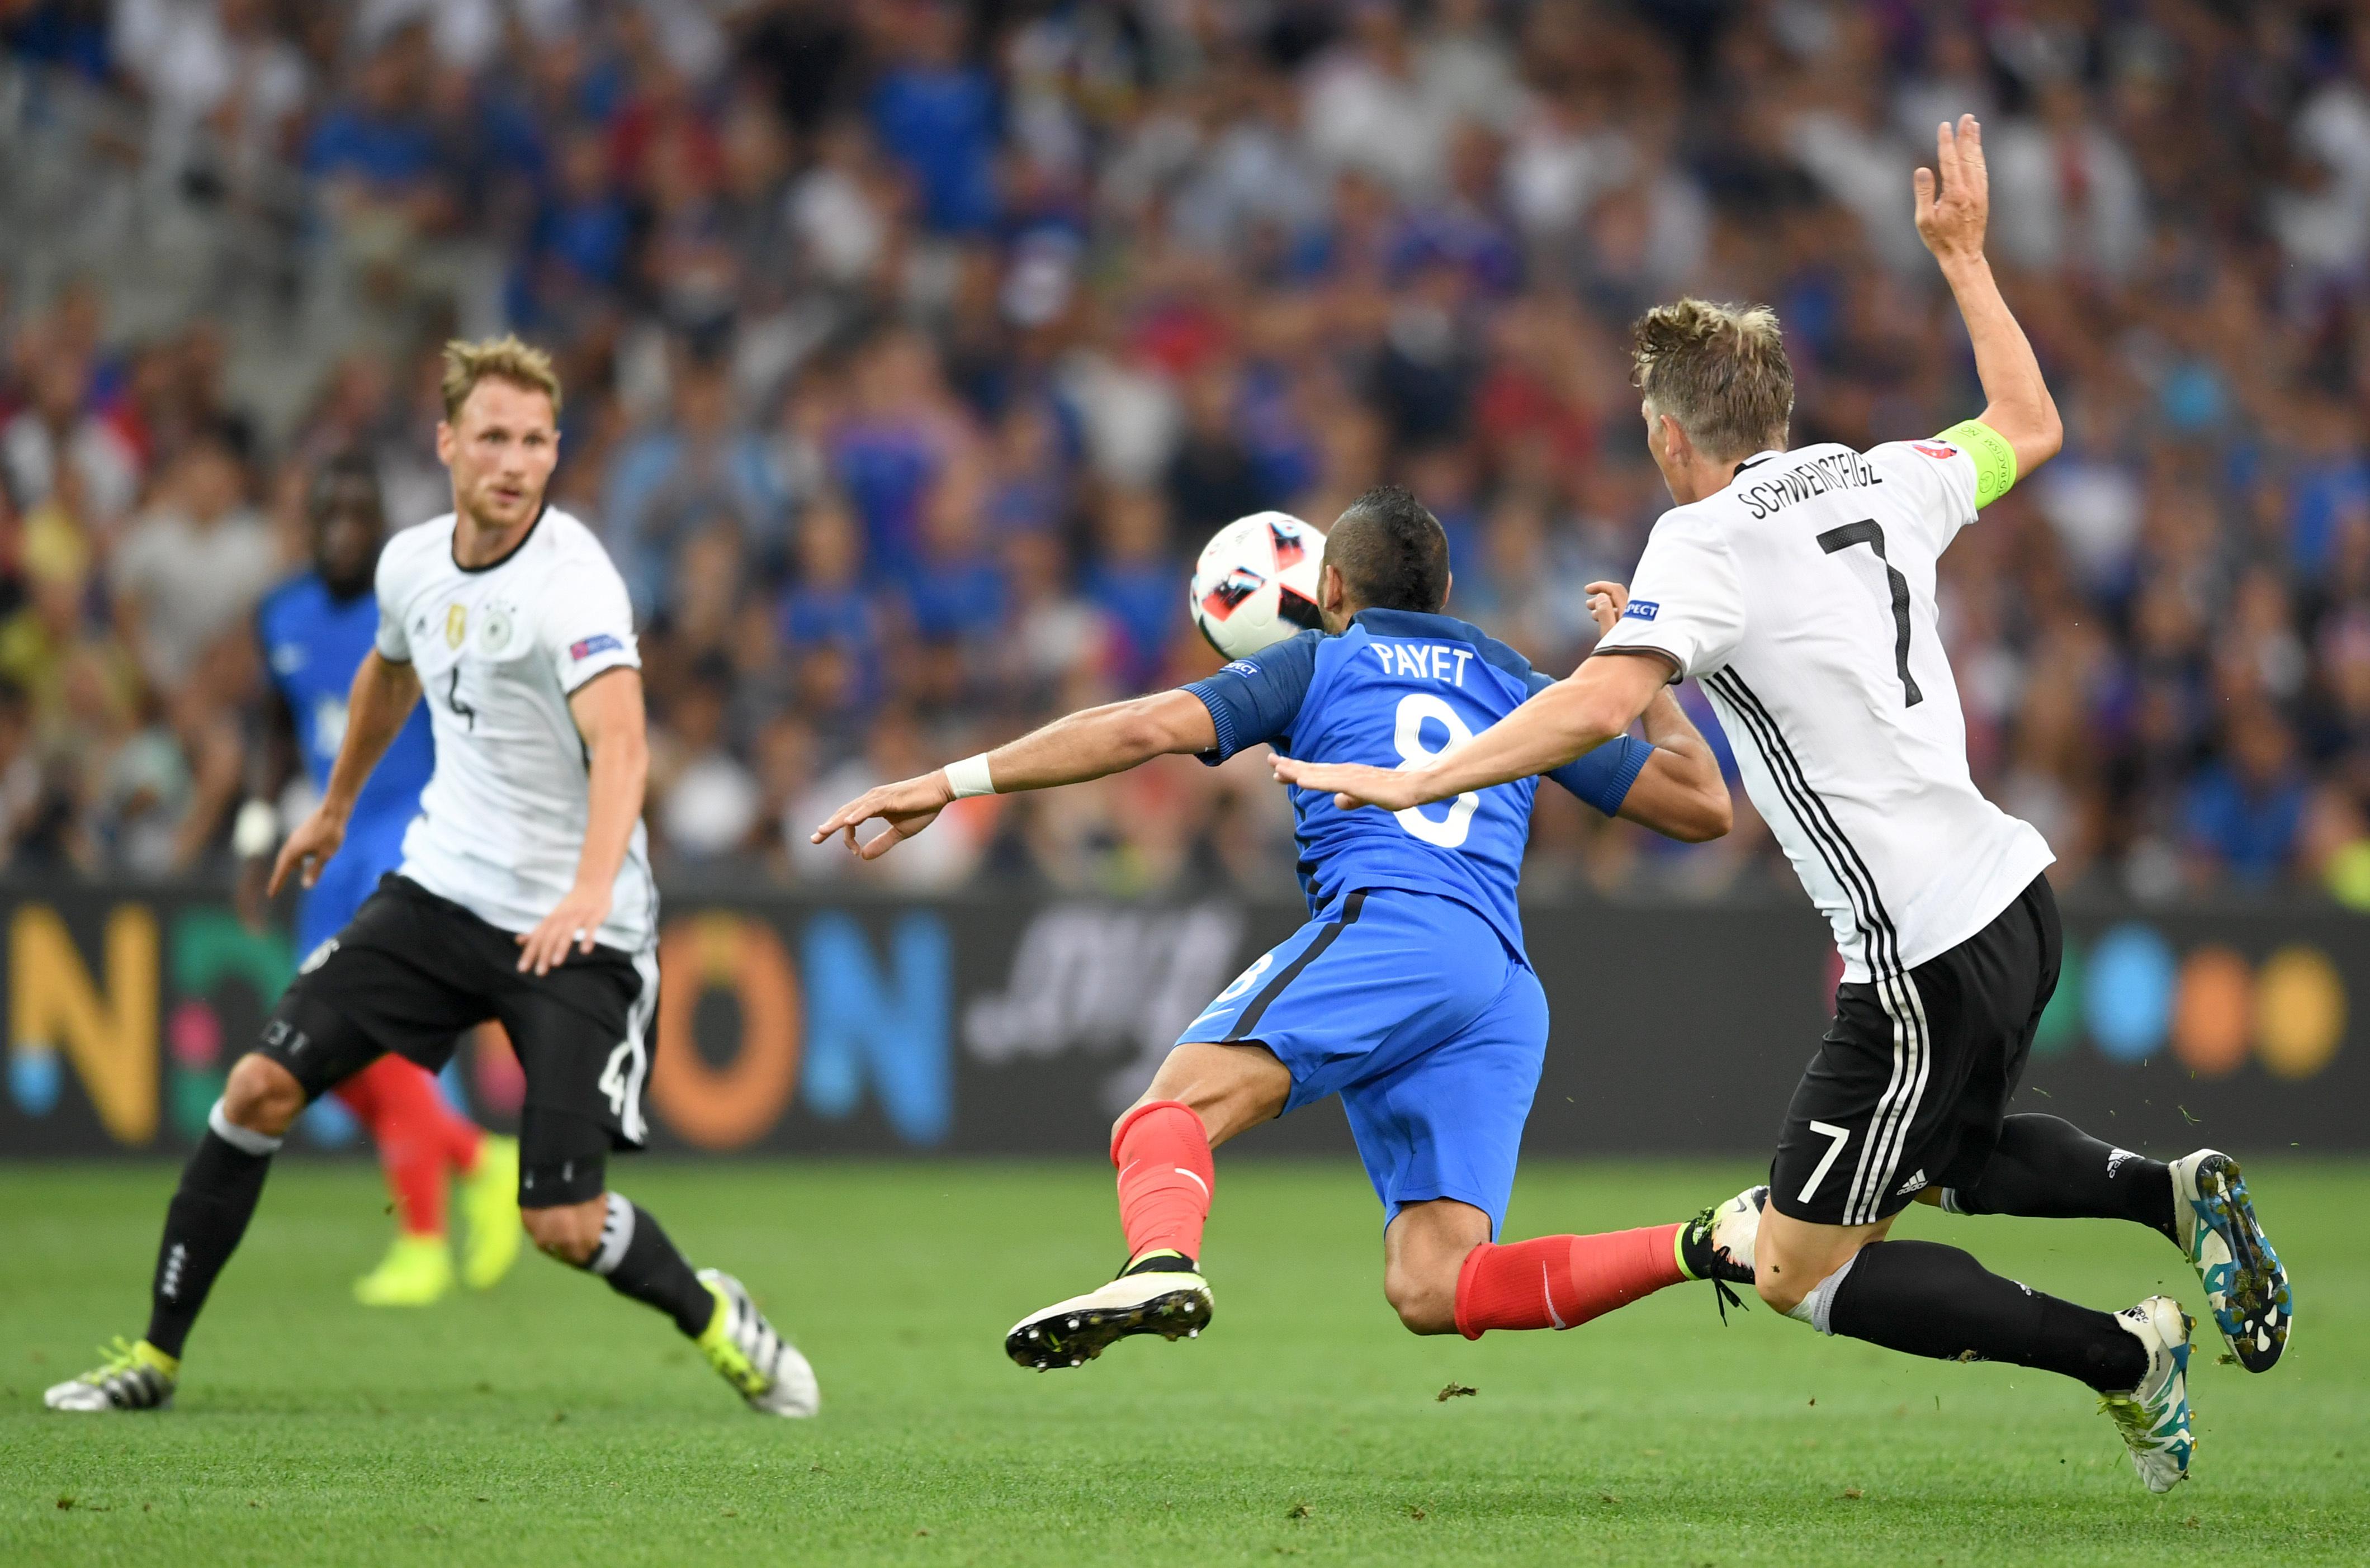 A német sajtó szerint a franciák doppingolhattak, amikor kiejtették a német válogatottat